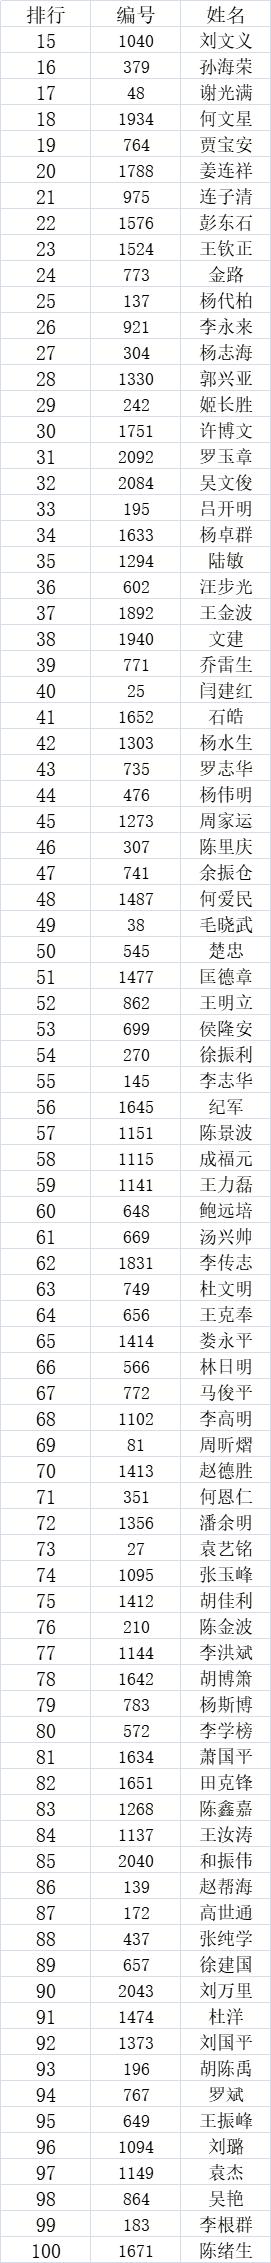 """2021年""""现代名家·华韵杯""""全国书画艺术大赛获奖名单公布!-第5张"""